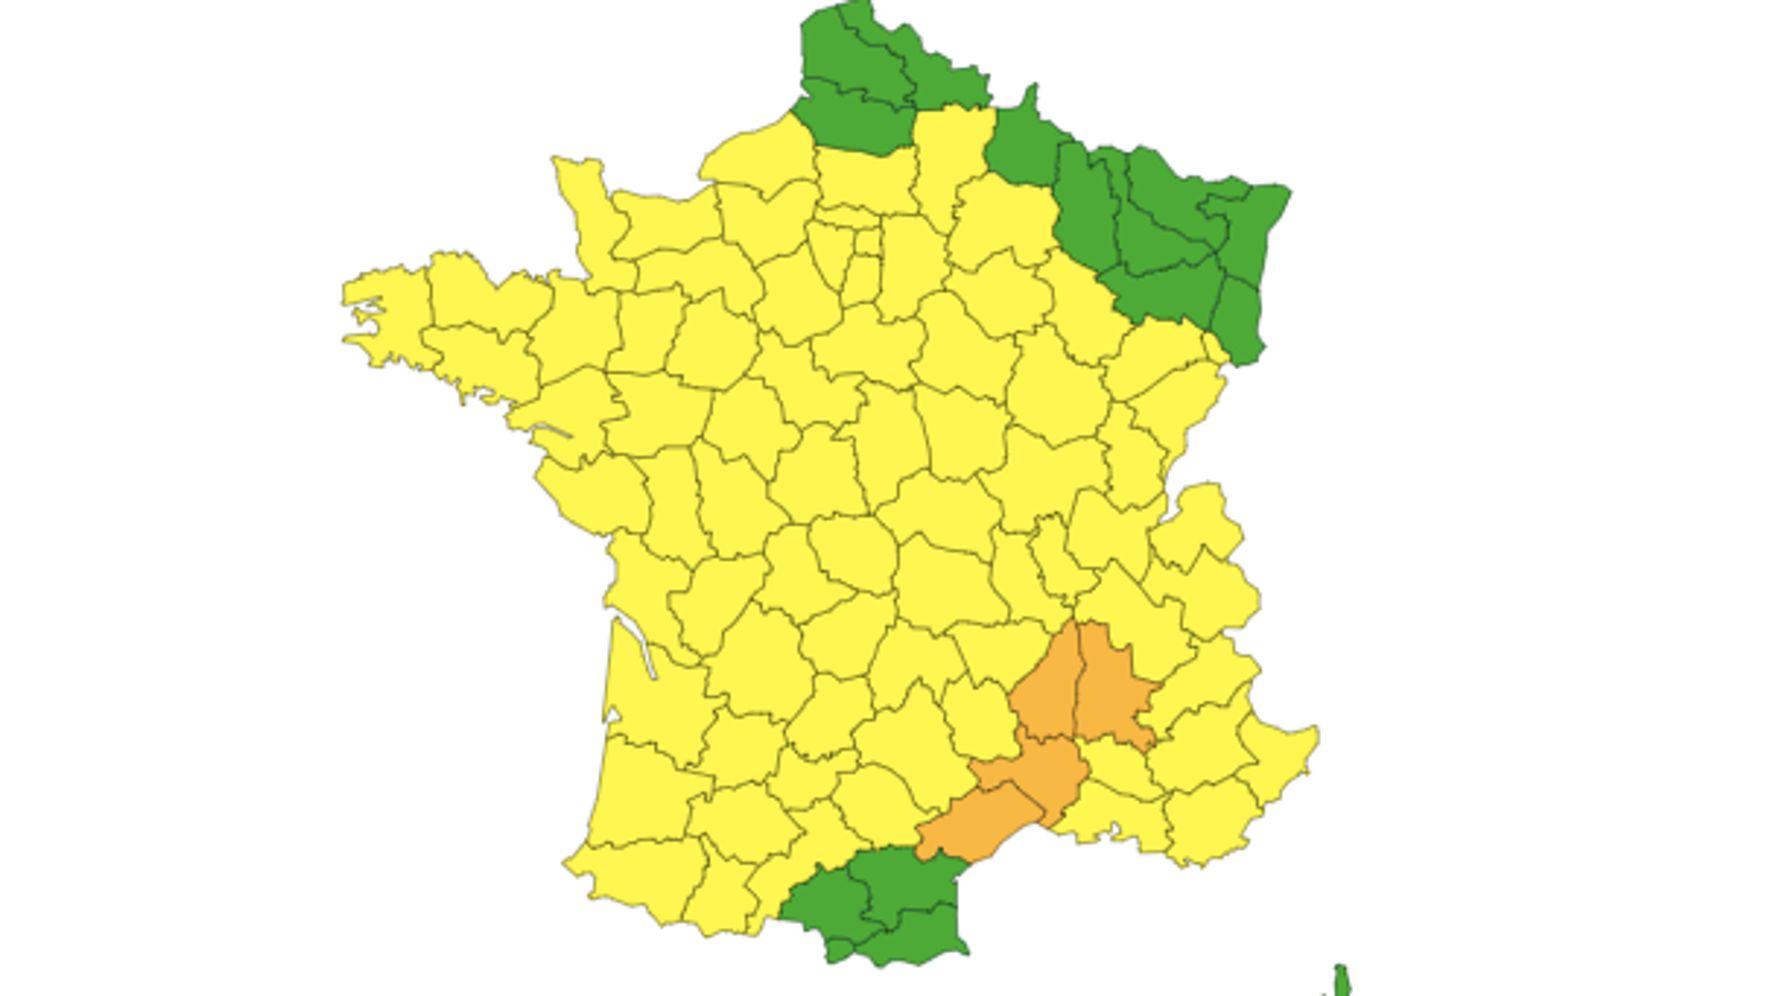 Météo: Le Gard, l'Hérault, la Drôme et l'Ardèche en vigilance orange